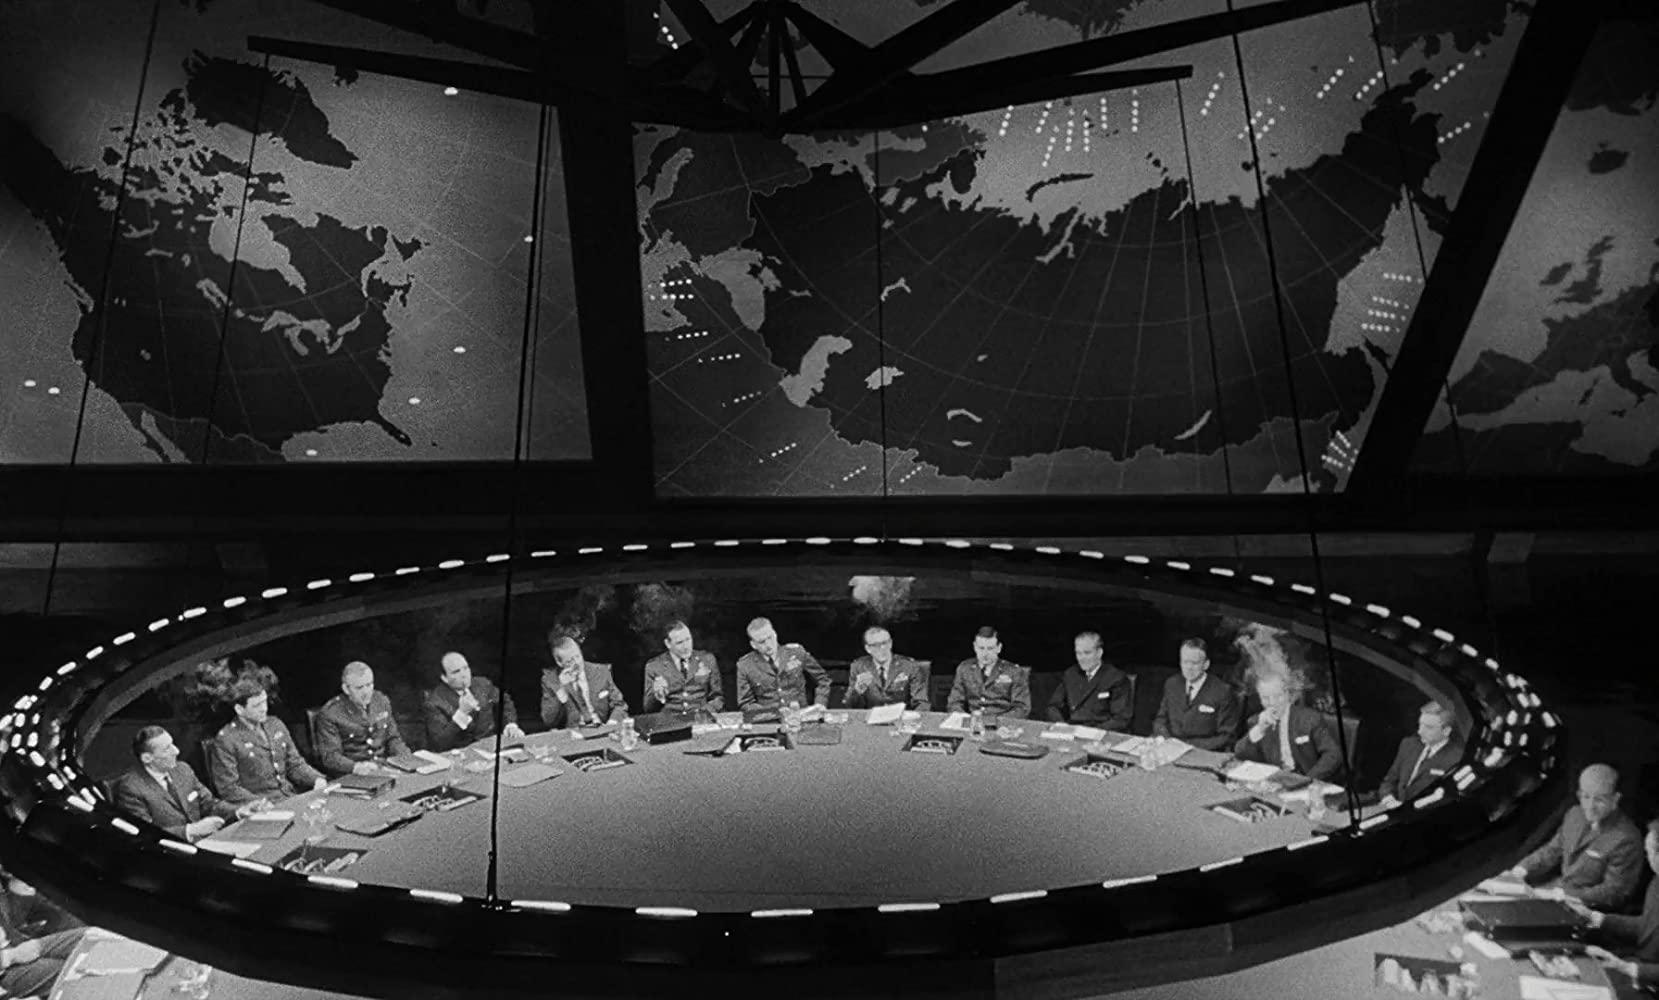 The Pentagon's War Room in Stanley Kubrick's Dr. Strangelove